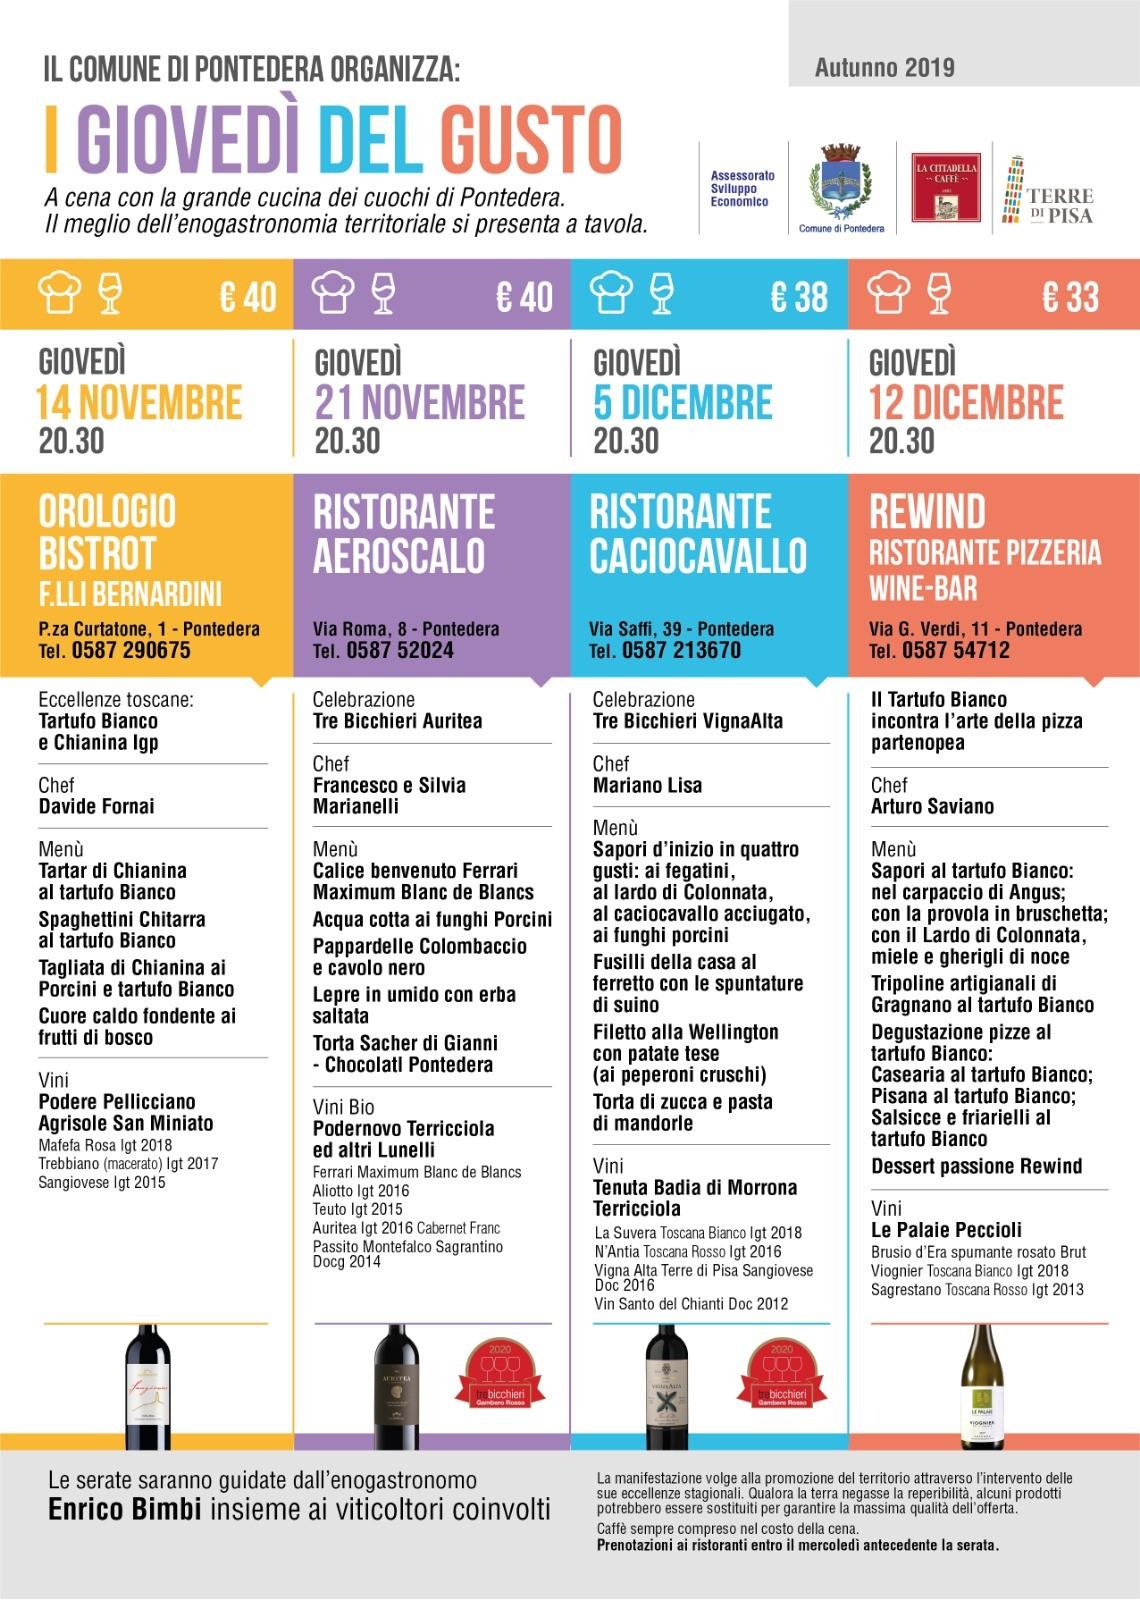 Giovedì del Gusto Autunno 2019 Pontedera programma completo edizione speciale dal 14 novembre al 12 dicembre